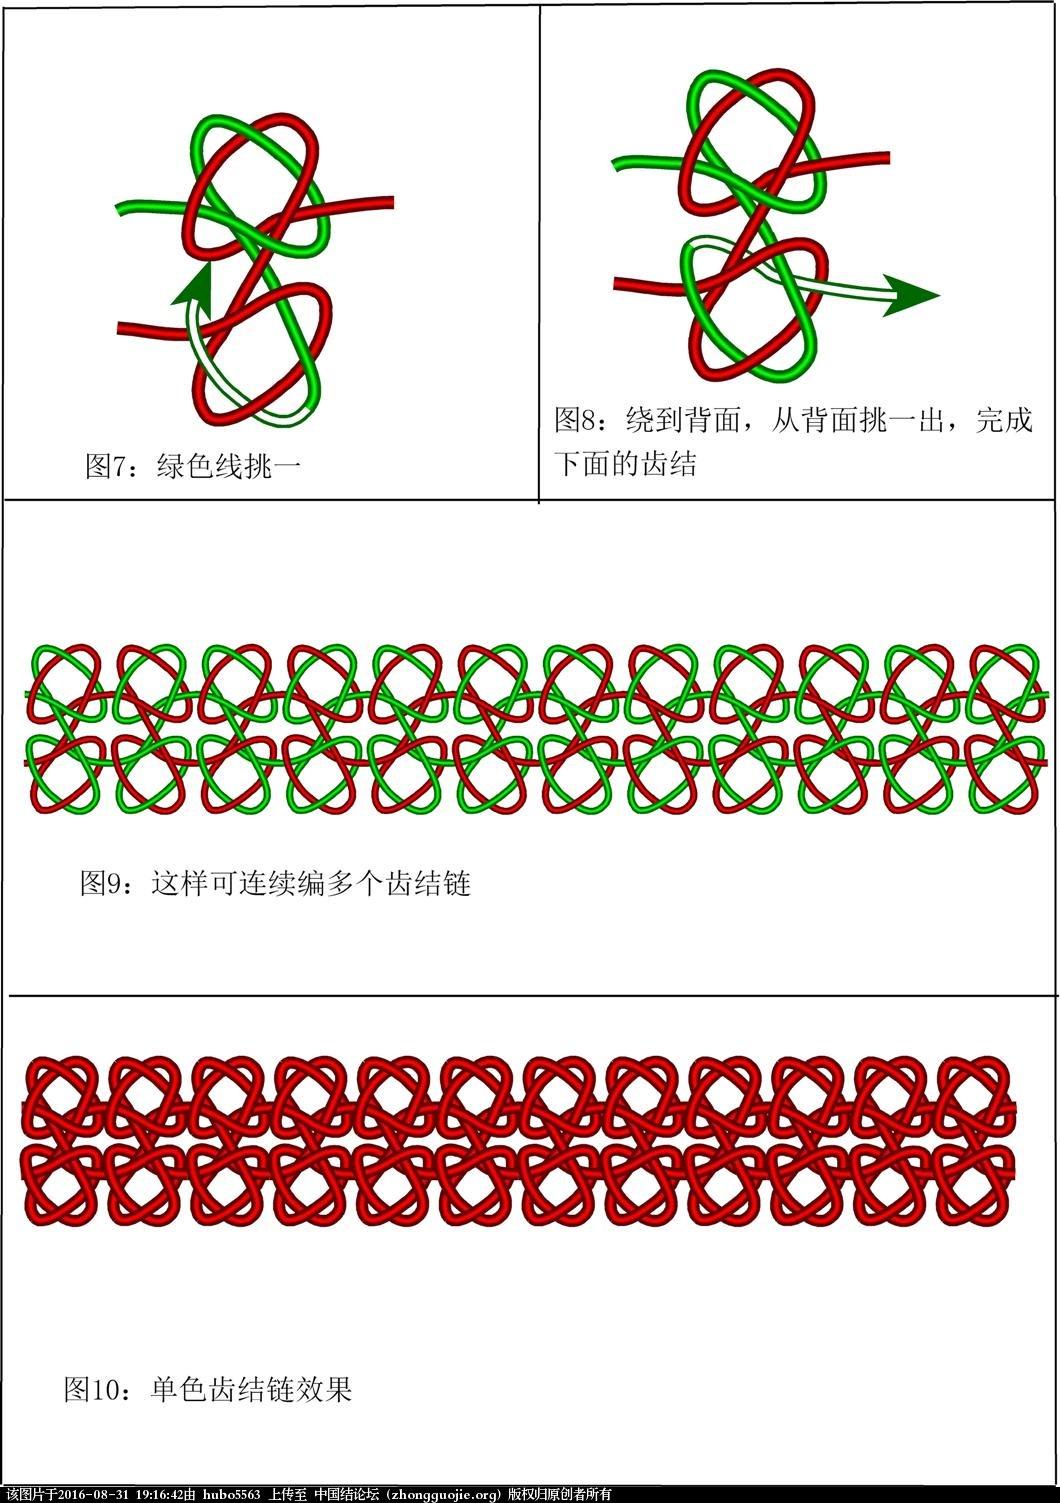 中国结论坛 齿结应用--齿结链  冰花结(华瑶结)的教程与讨论区 190840w6cz2fa65jaz2ad2